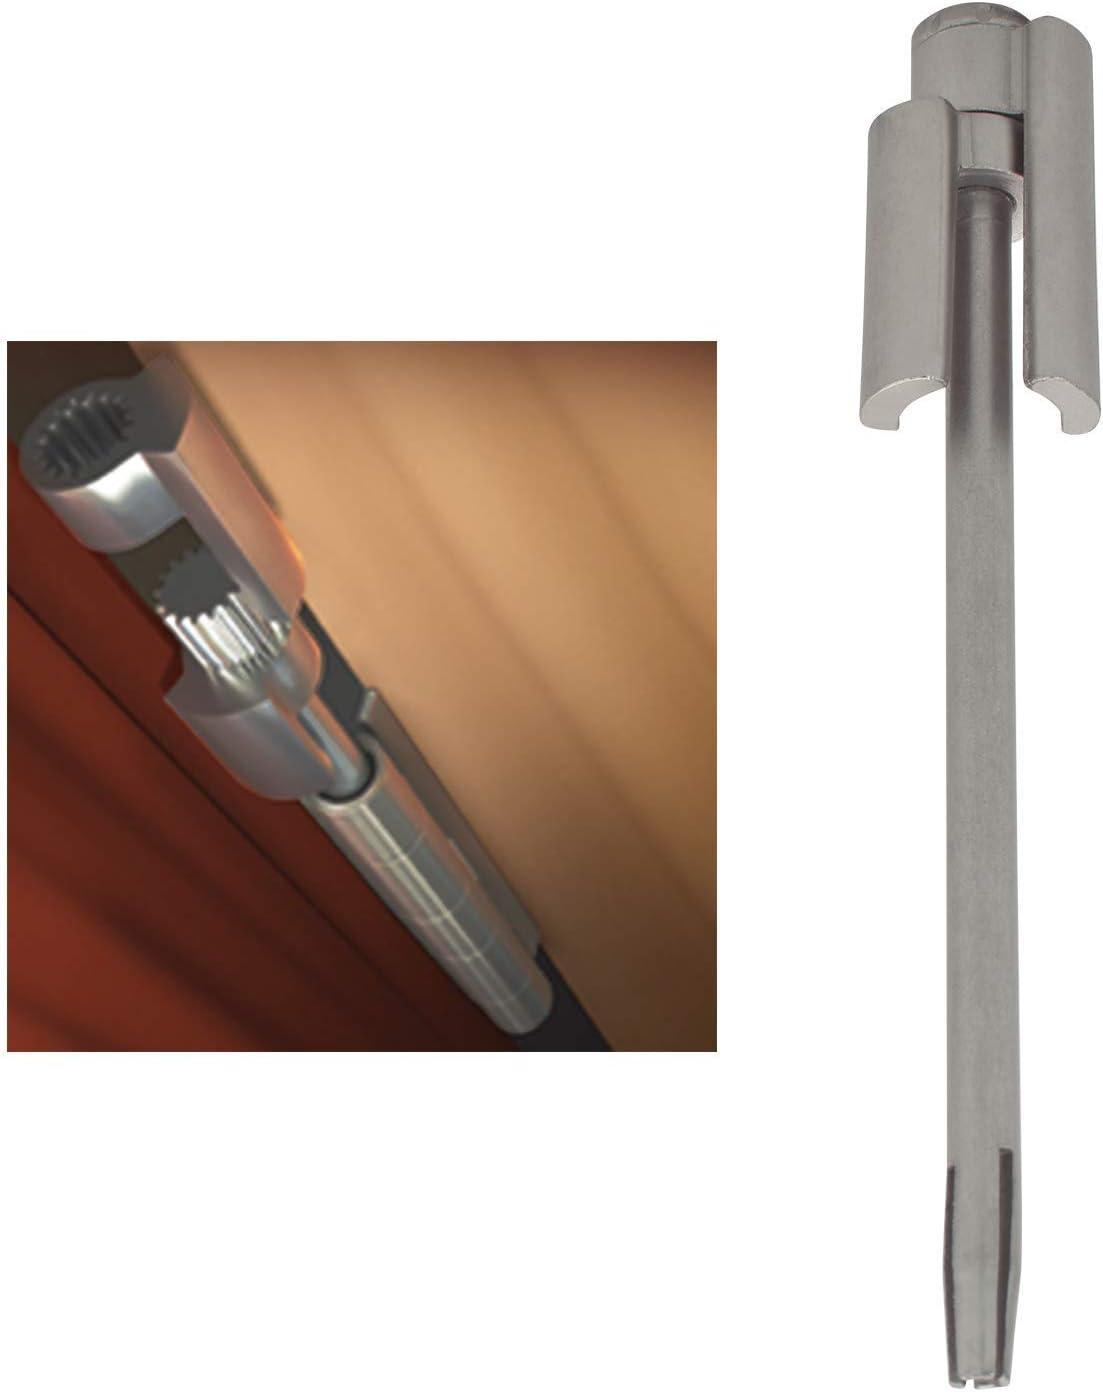 """Nuk3y Door Saver 2 II Hinge Pin Stop Fits All 3"""" to 4-1/2"""" Residential Hinges (Satin Nickel)"""